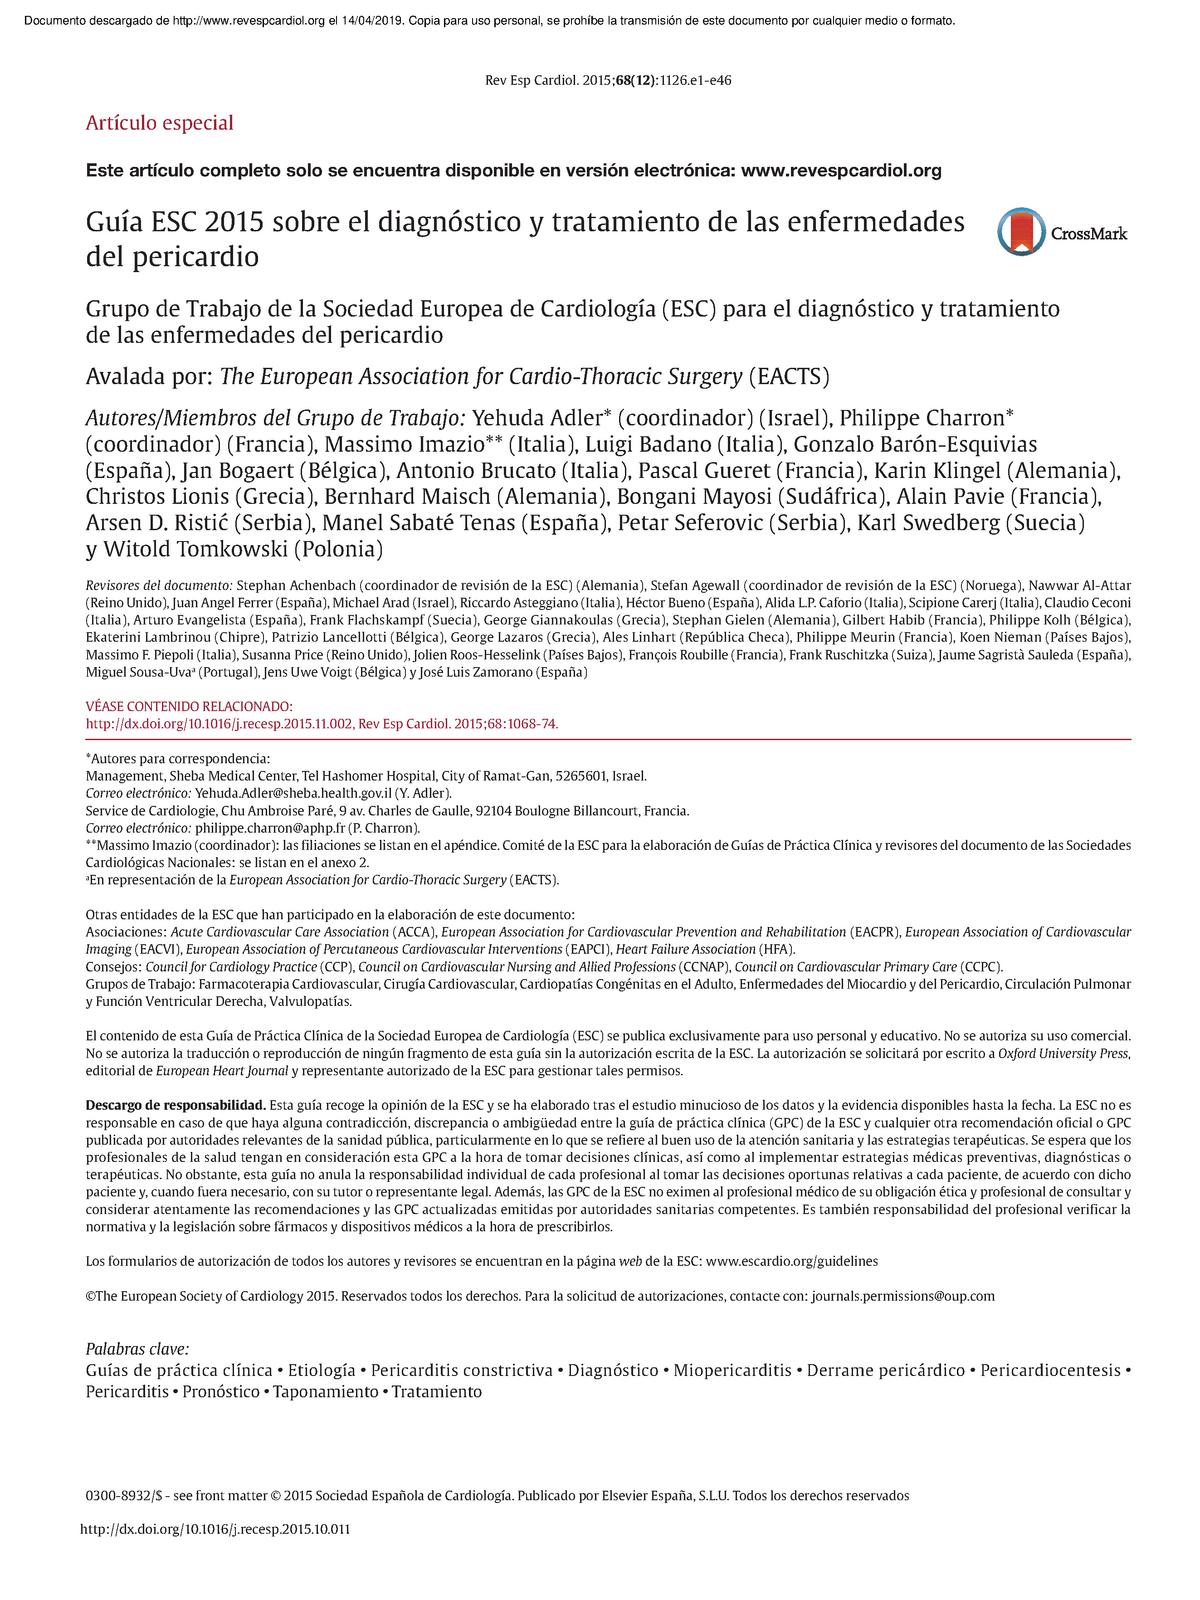 Opciones de tratamiento para hipertensión resistente cleveland